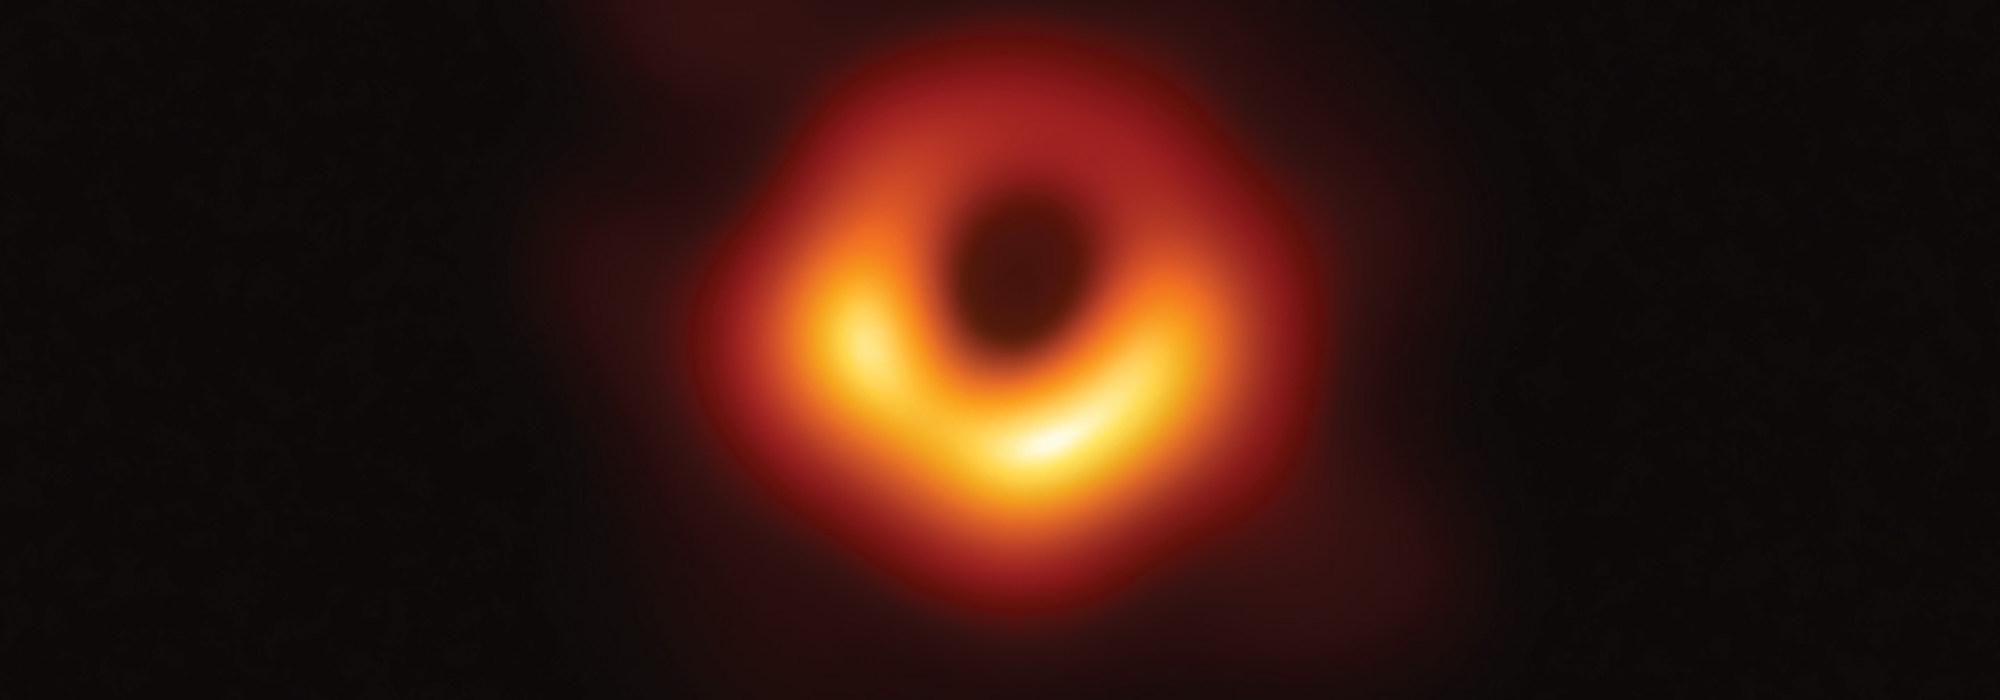 İlk Karadelik Fotoğrafı: Güneş'in 6.5 milyar katı